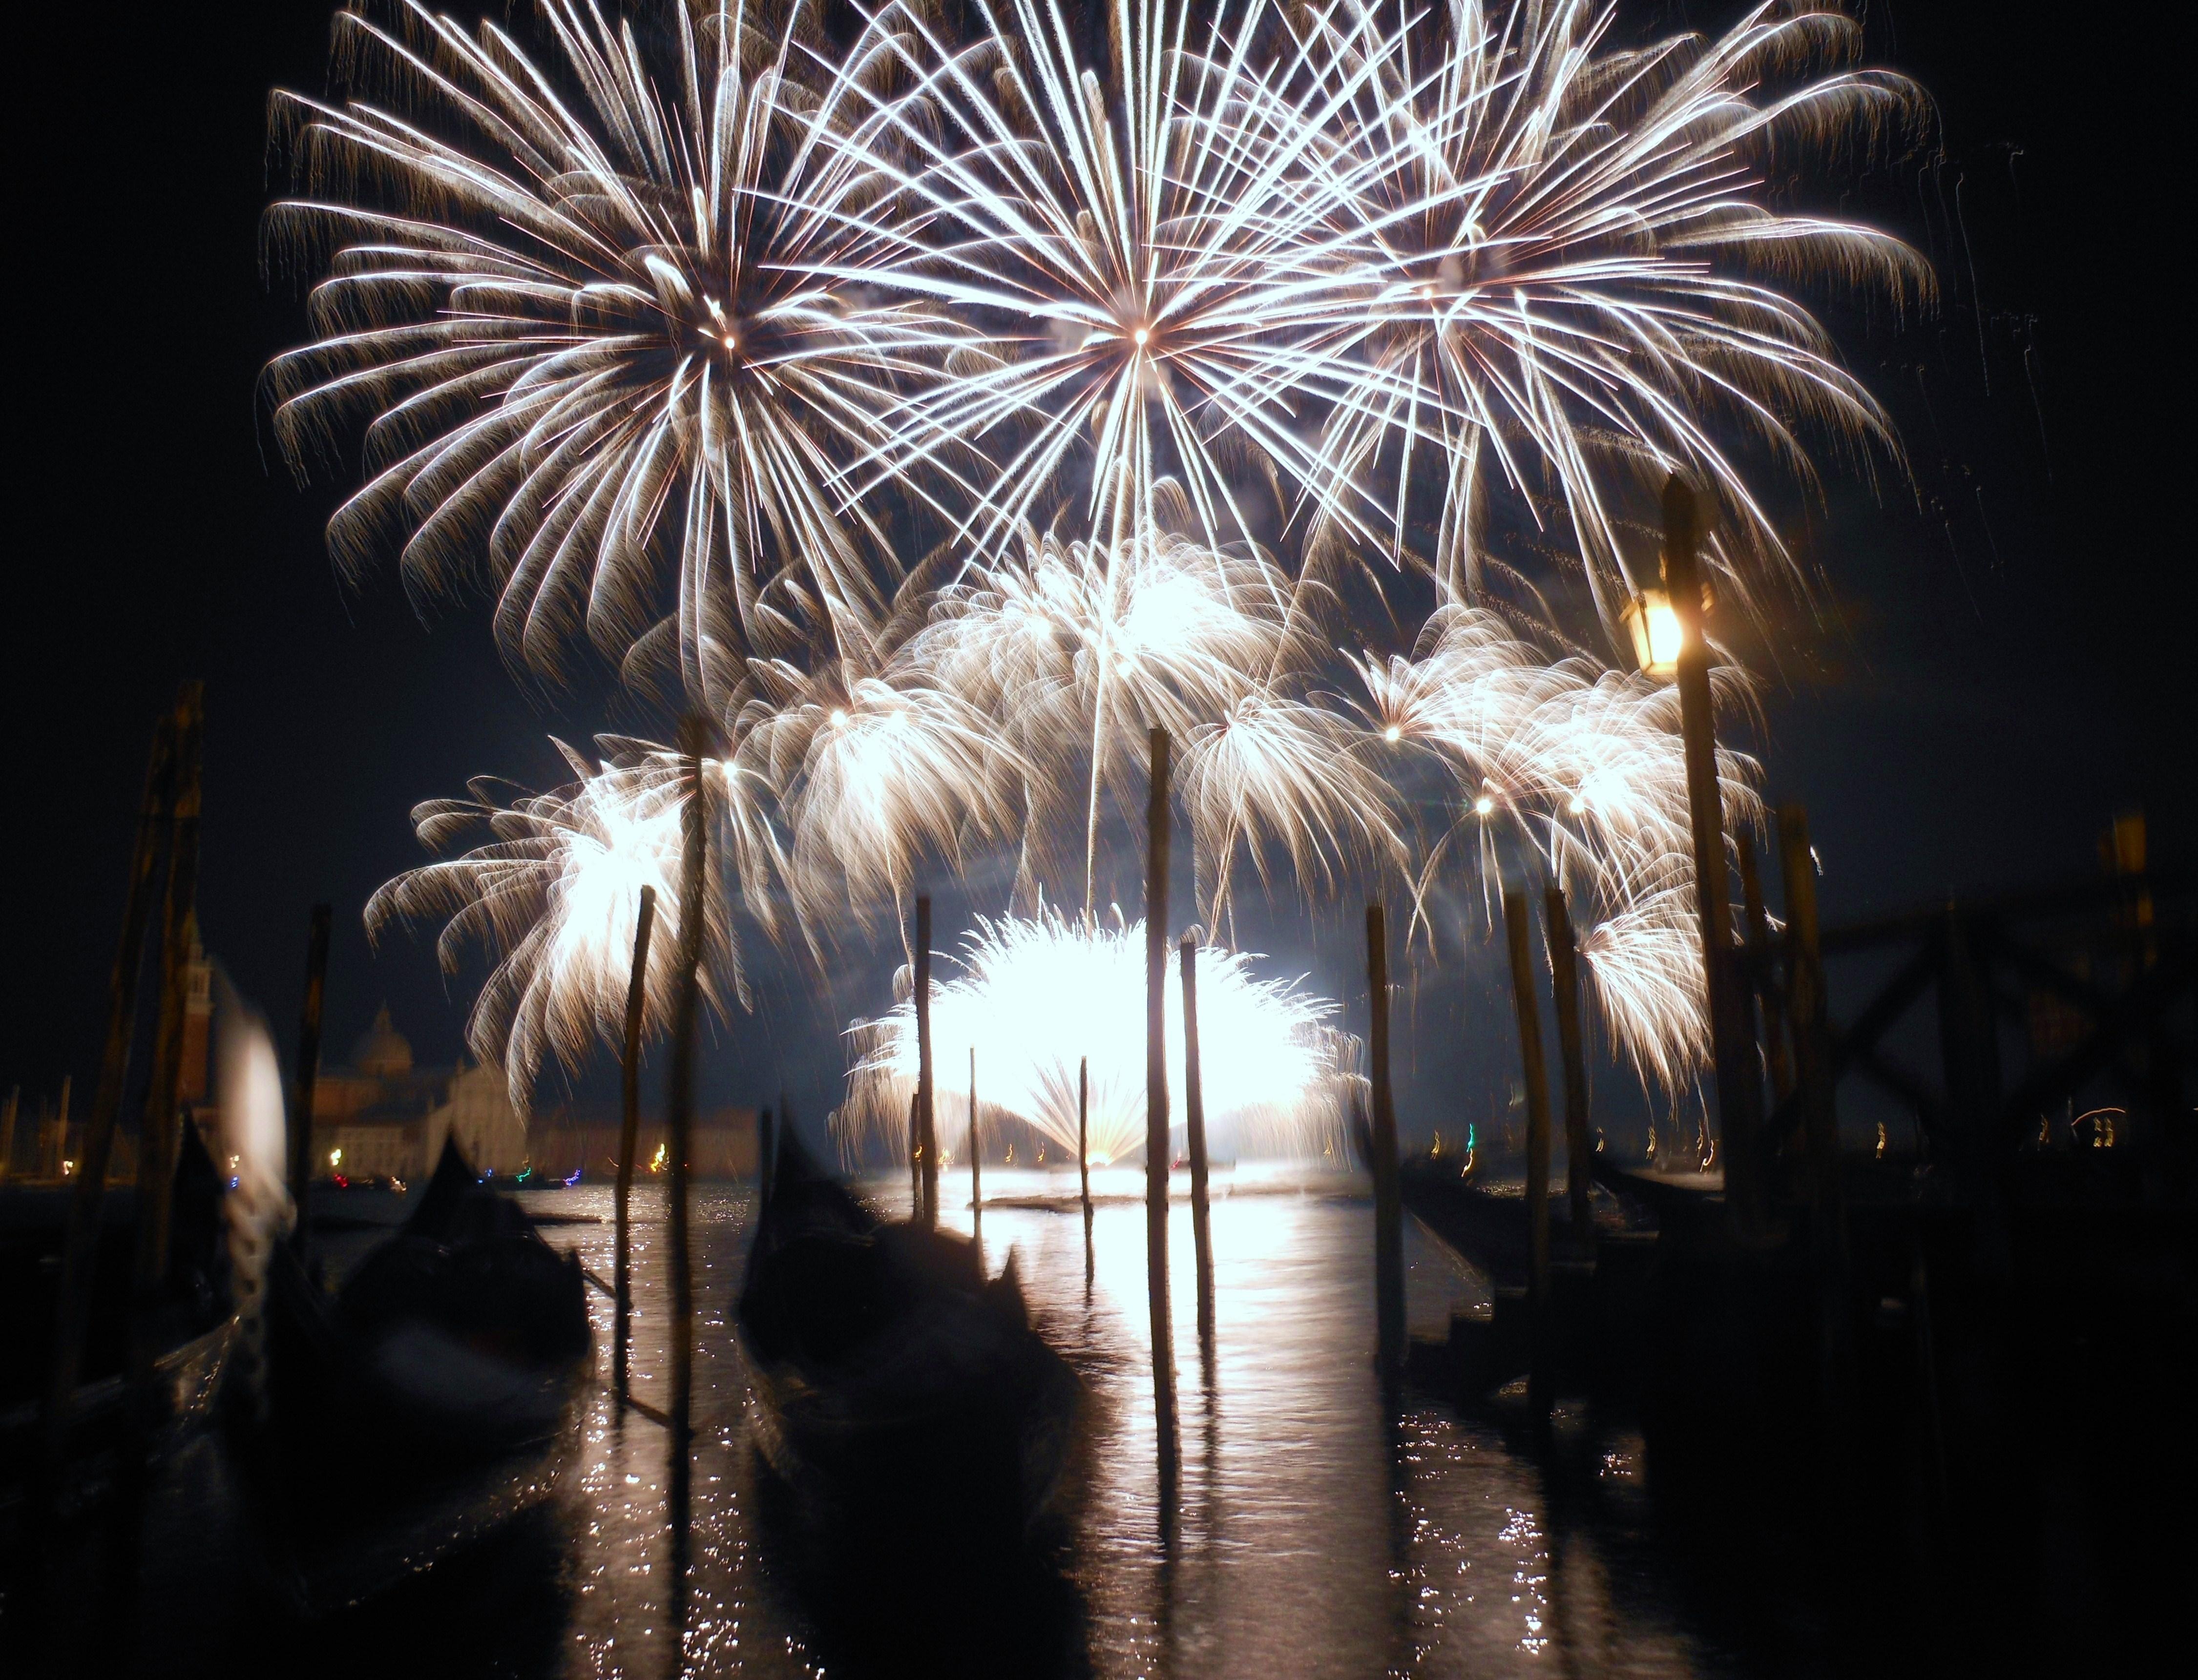 capodanno 2020 a venezia 1